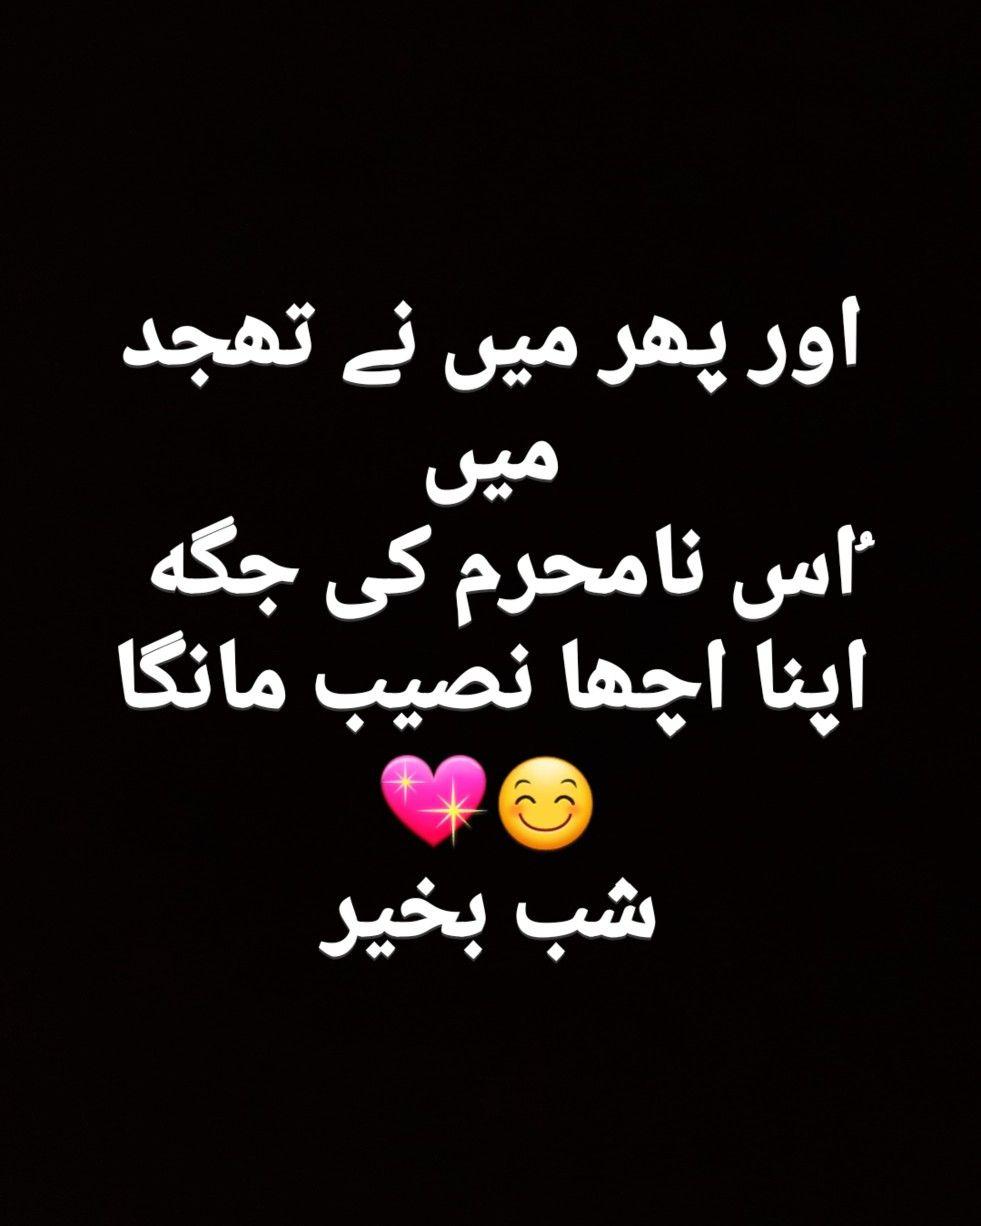 Urdu poetry   Urdu words, Urdu thoughts, Deep words